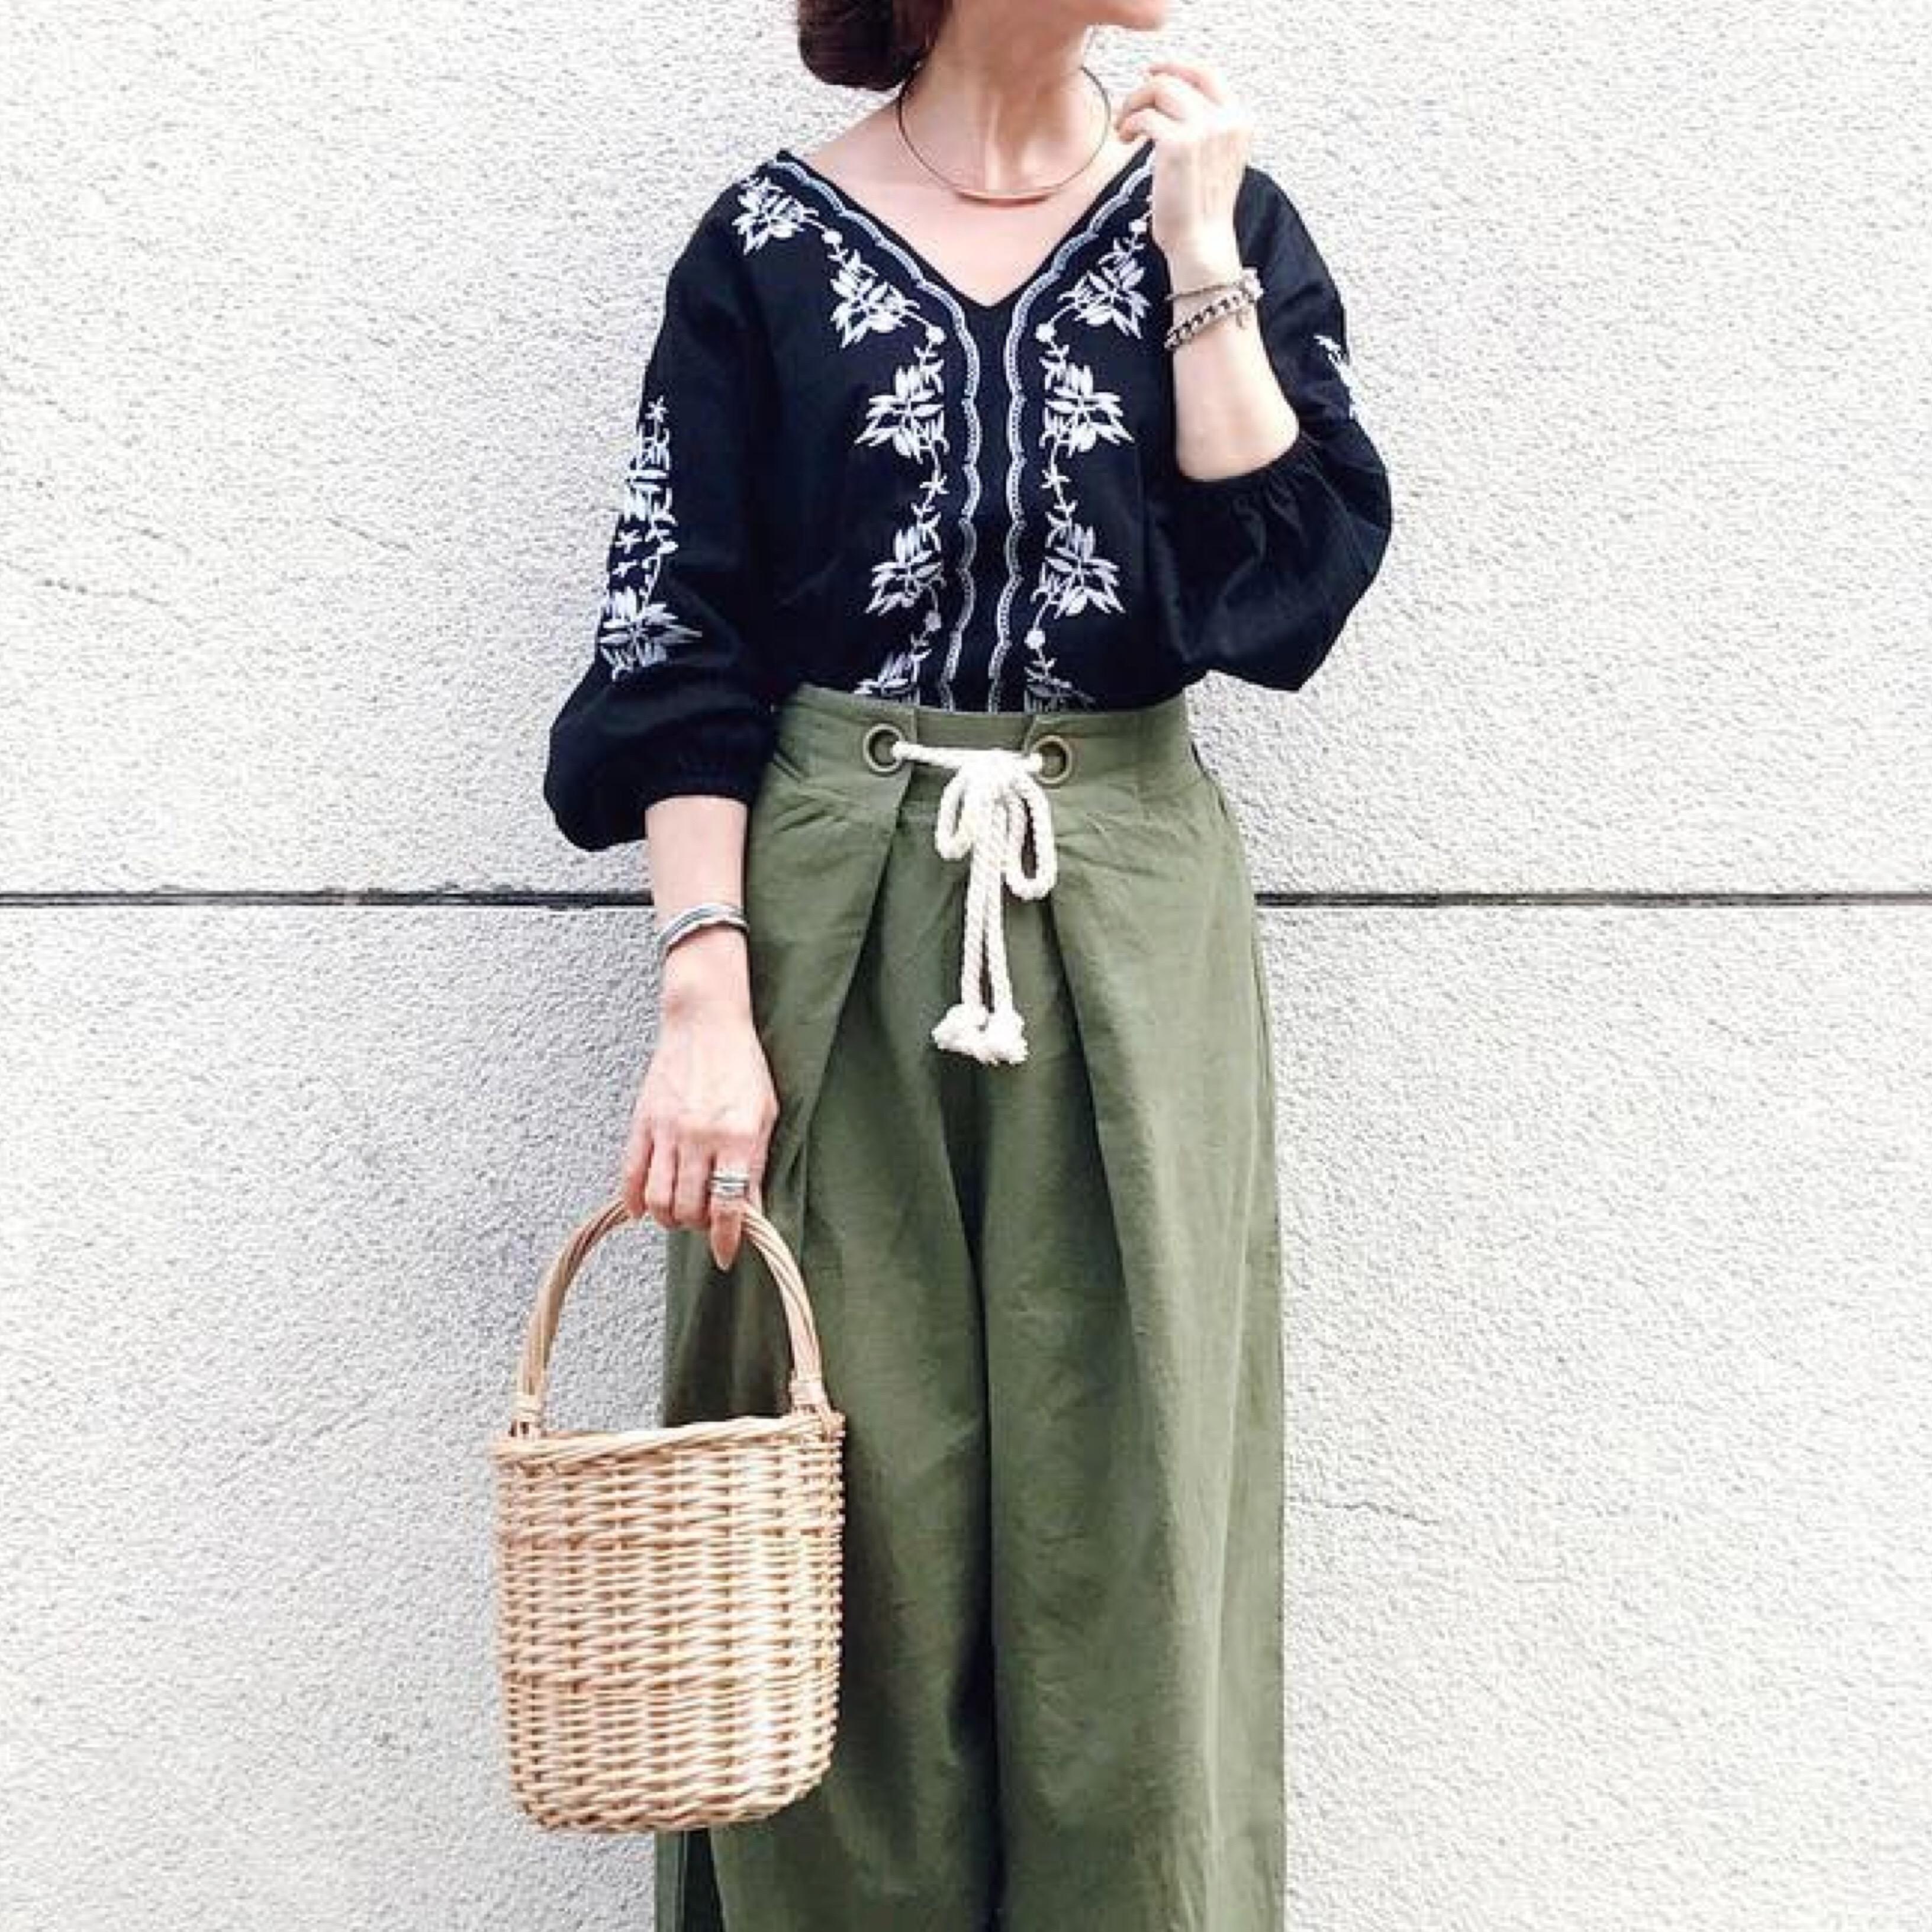 【MINESスナップ】ナチュラル&エスニックで叶える夏の大人女子スタイル